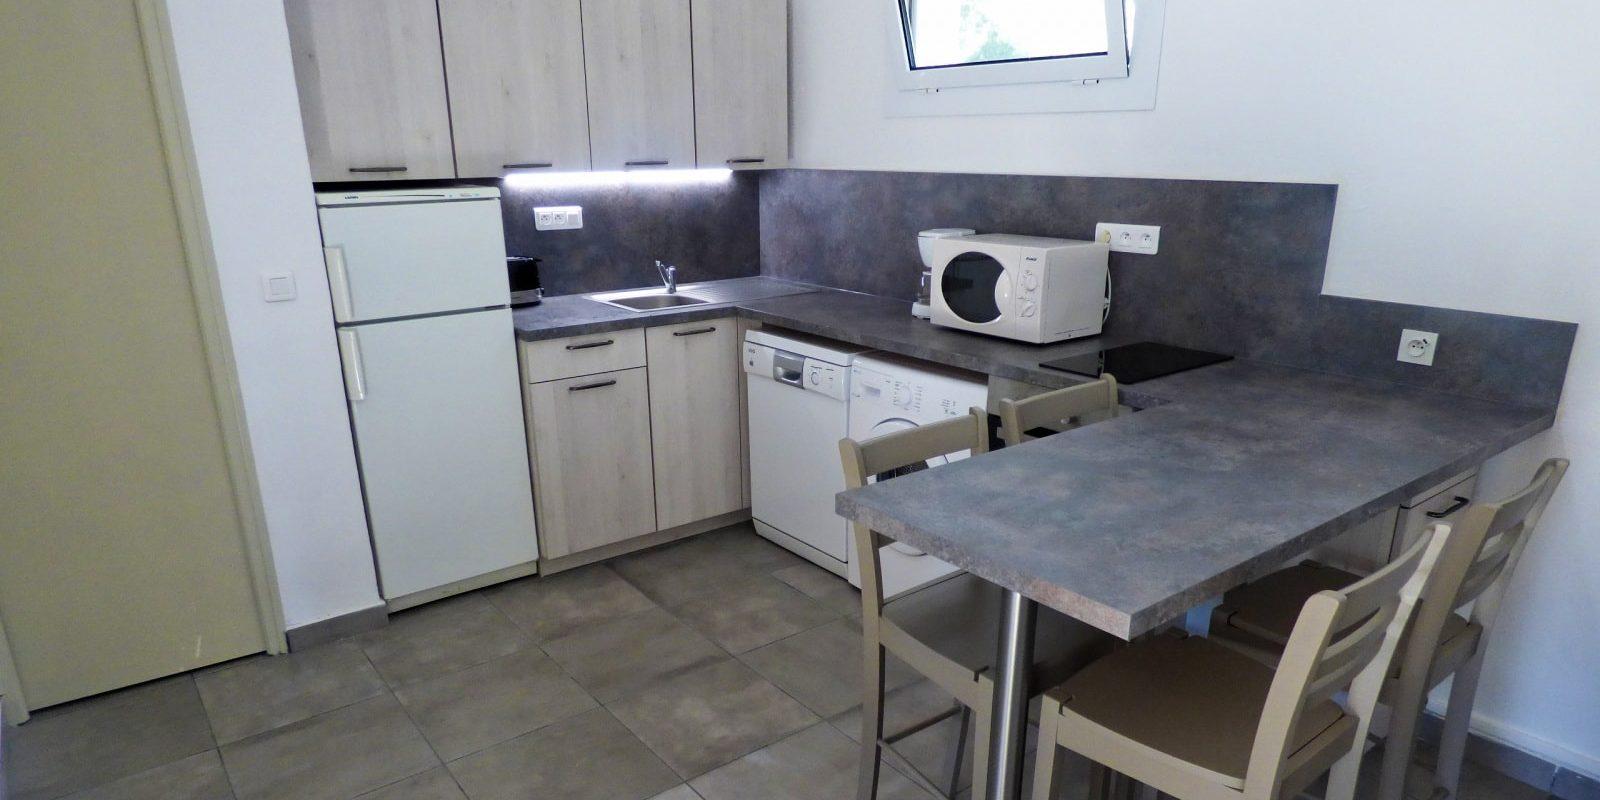 Residence U Paesolu Pinarello Sainte-Lucie-de-Porto-Vecchio Porto-Vecchio Corsica Frankrijk minivilla vierkamervilla 3-slaapkamers keuken